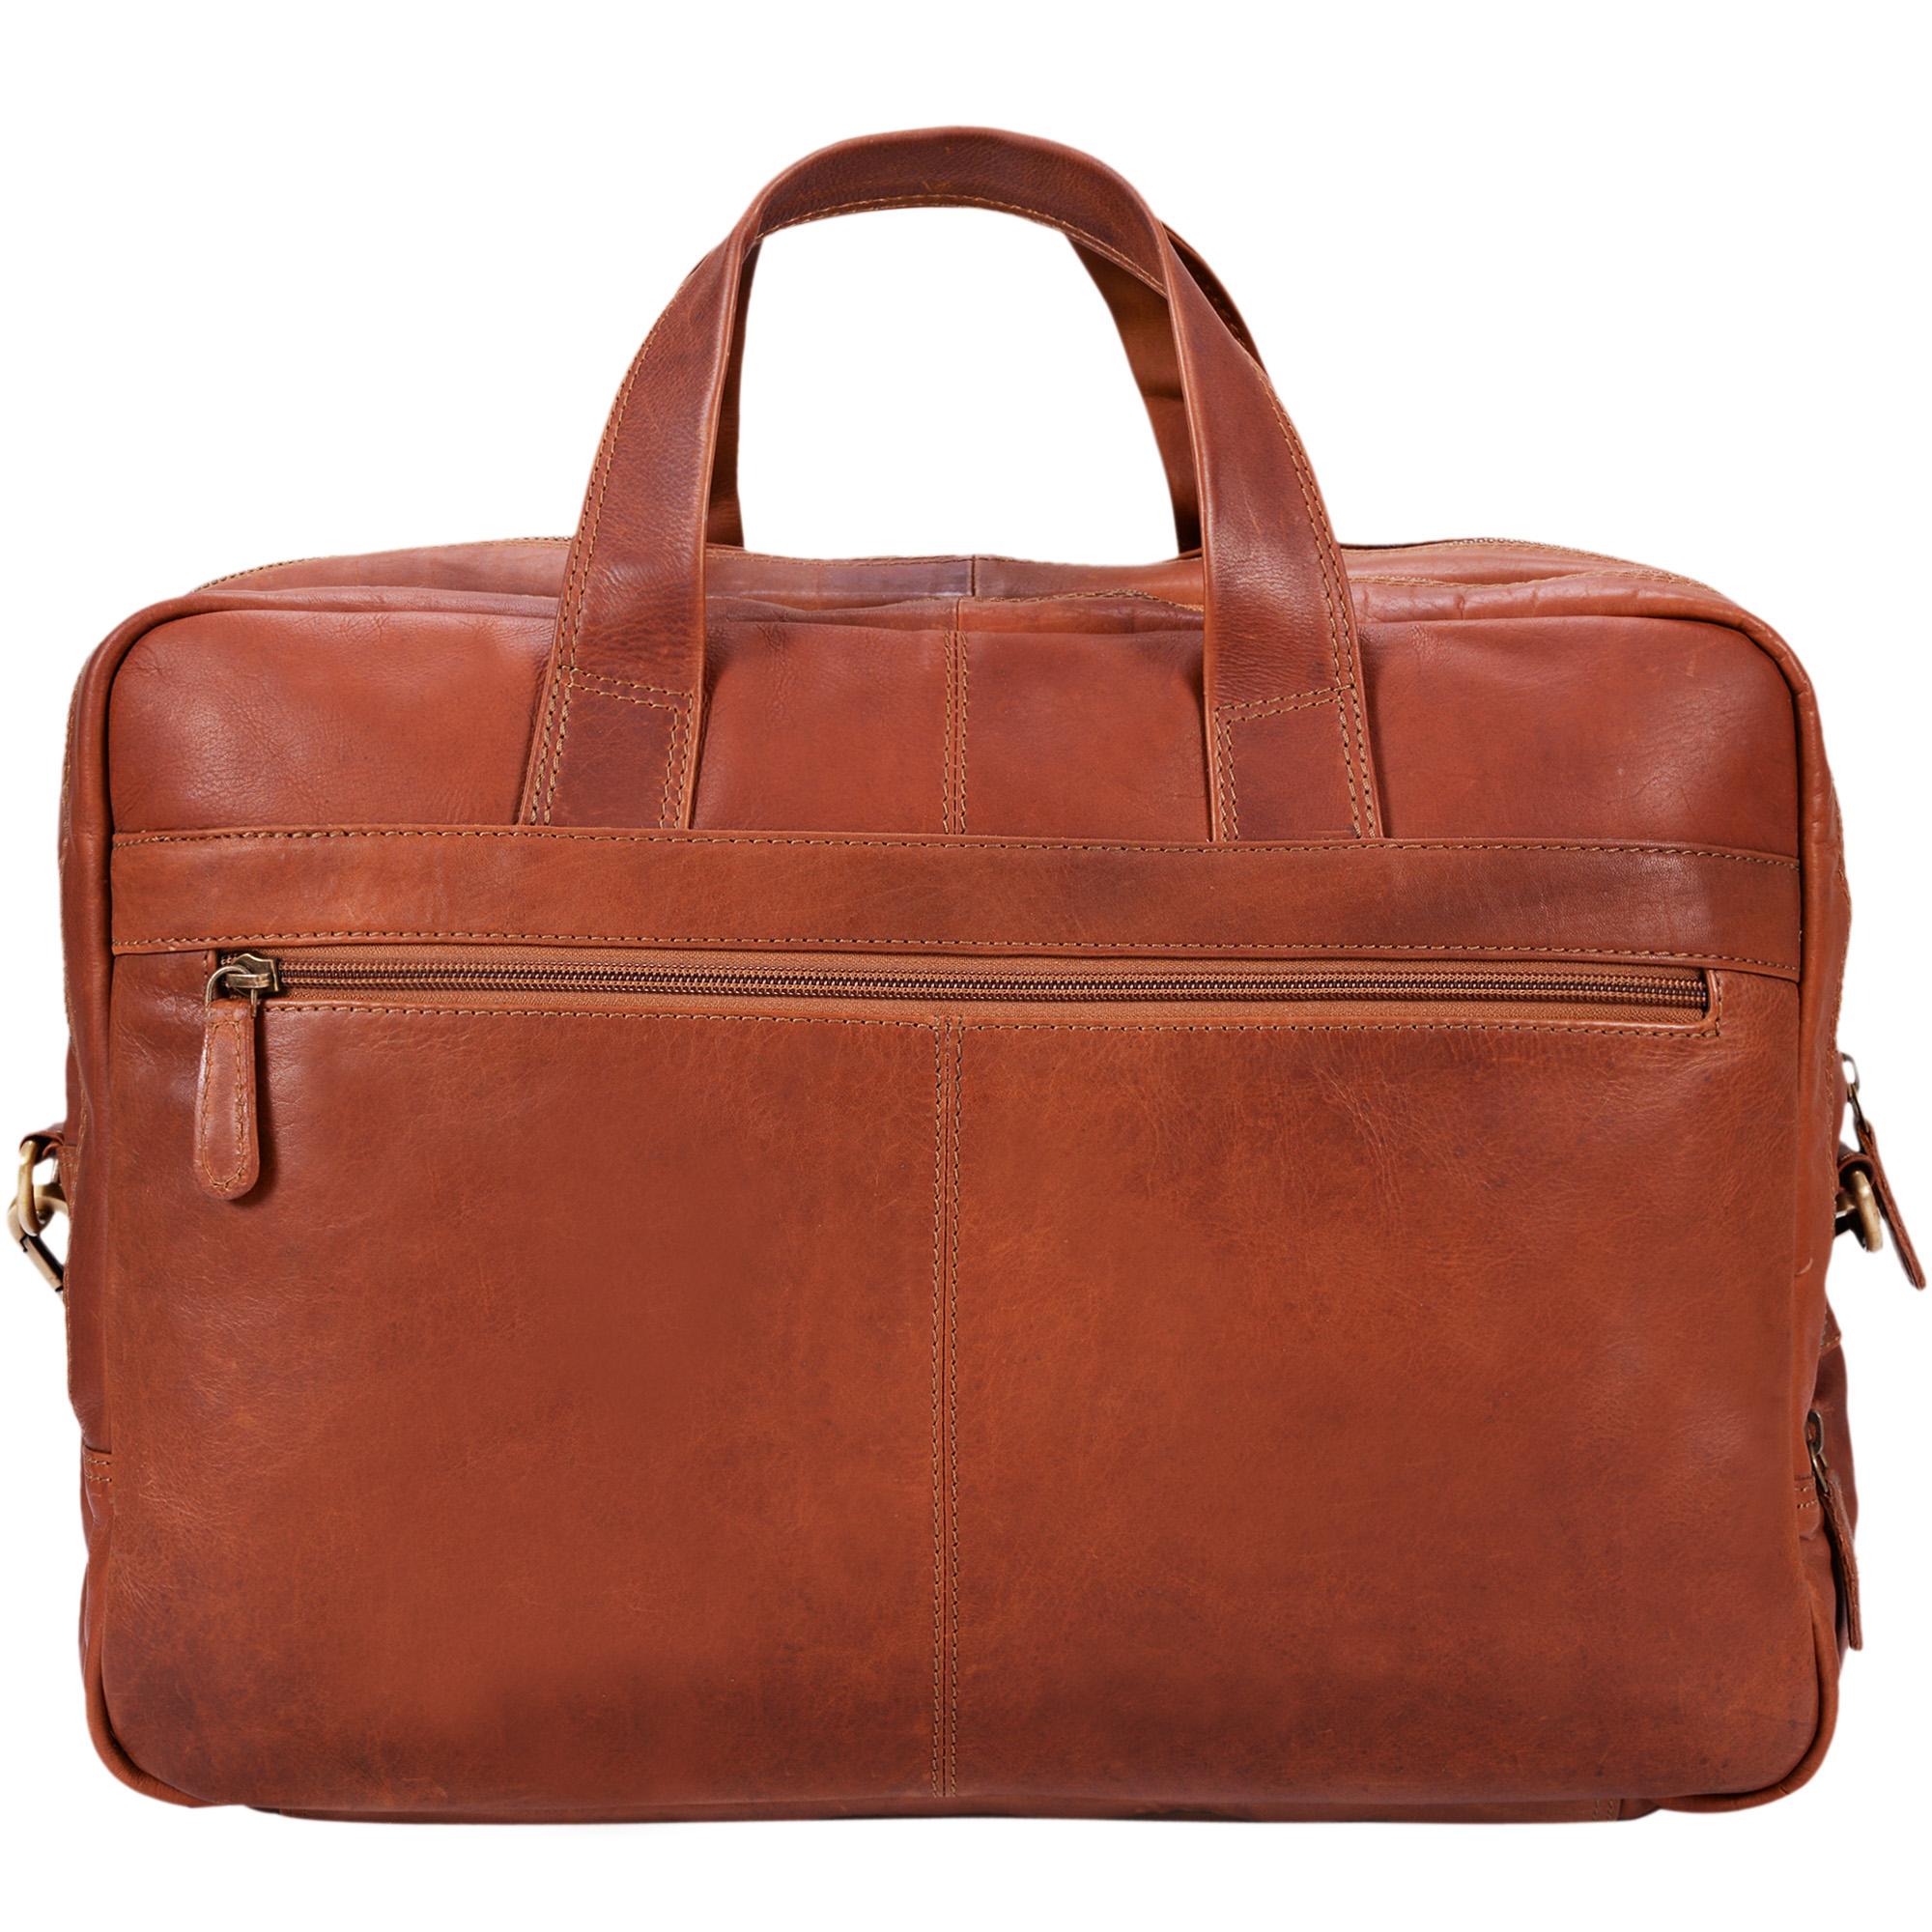 """STILORD """"Alan"""" Leder Umhängetasche groß Herren Damen Vintage 15,6 Zoll Laptoptasche XL Arbeitstasche Lehrertasche Arbeit Büro Uni echtes Leder  - Bild 6"""